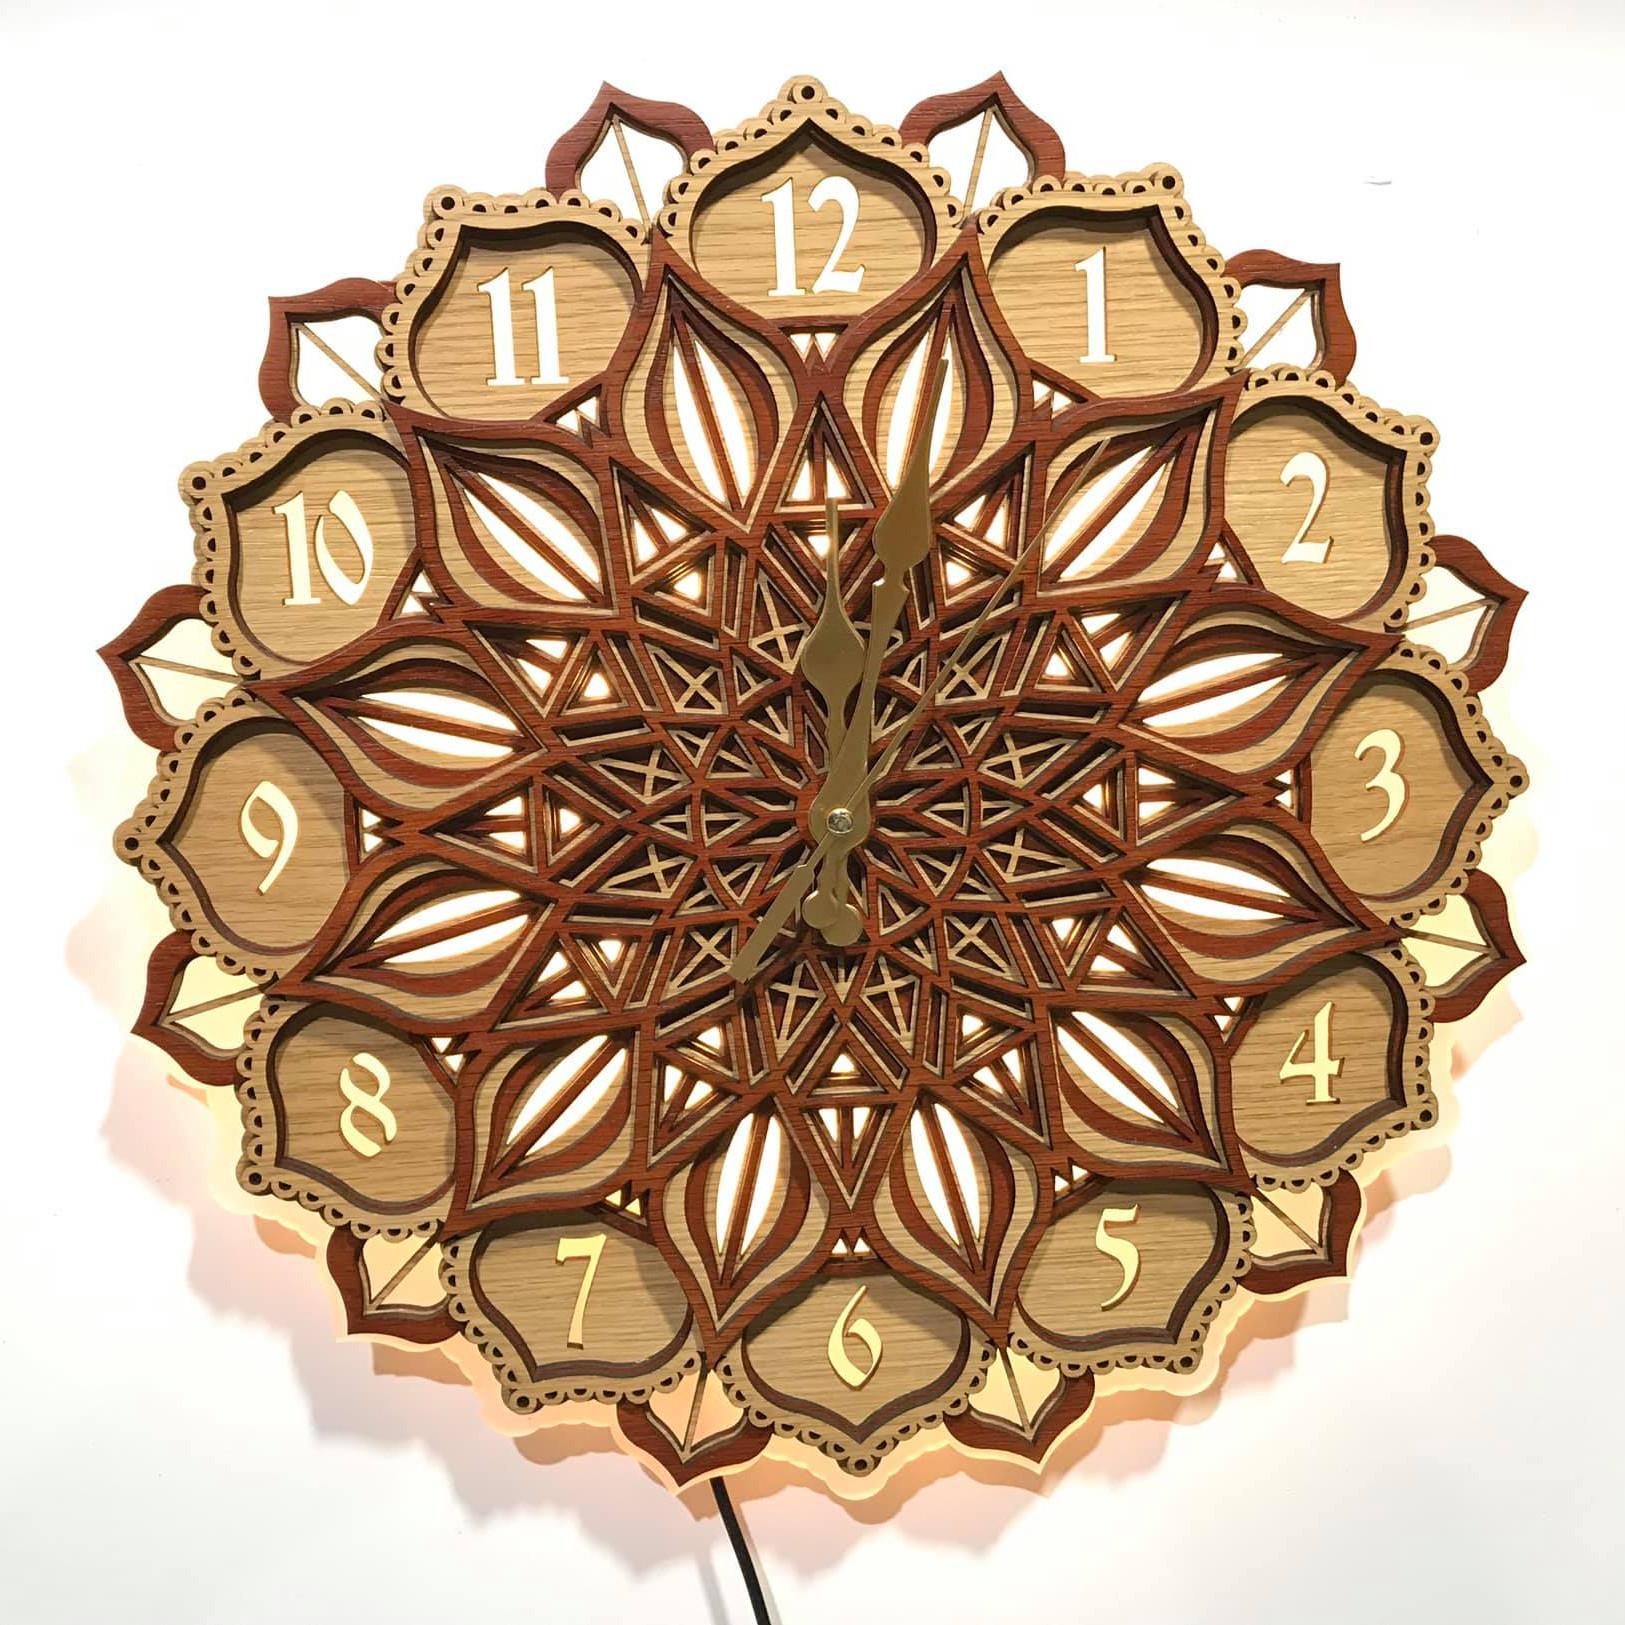 Đồng hồ gỗ mandala đèn led treo tường KD31